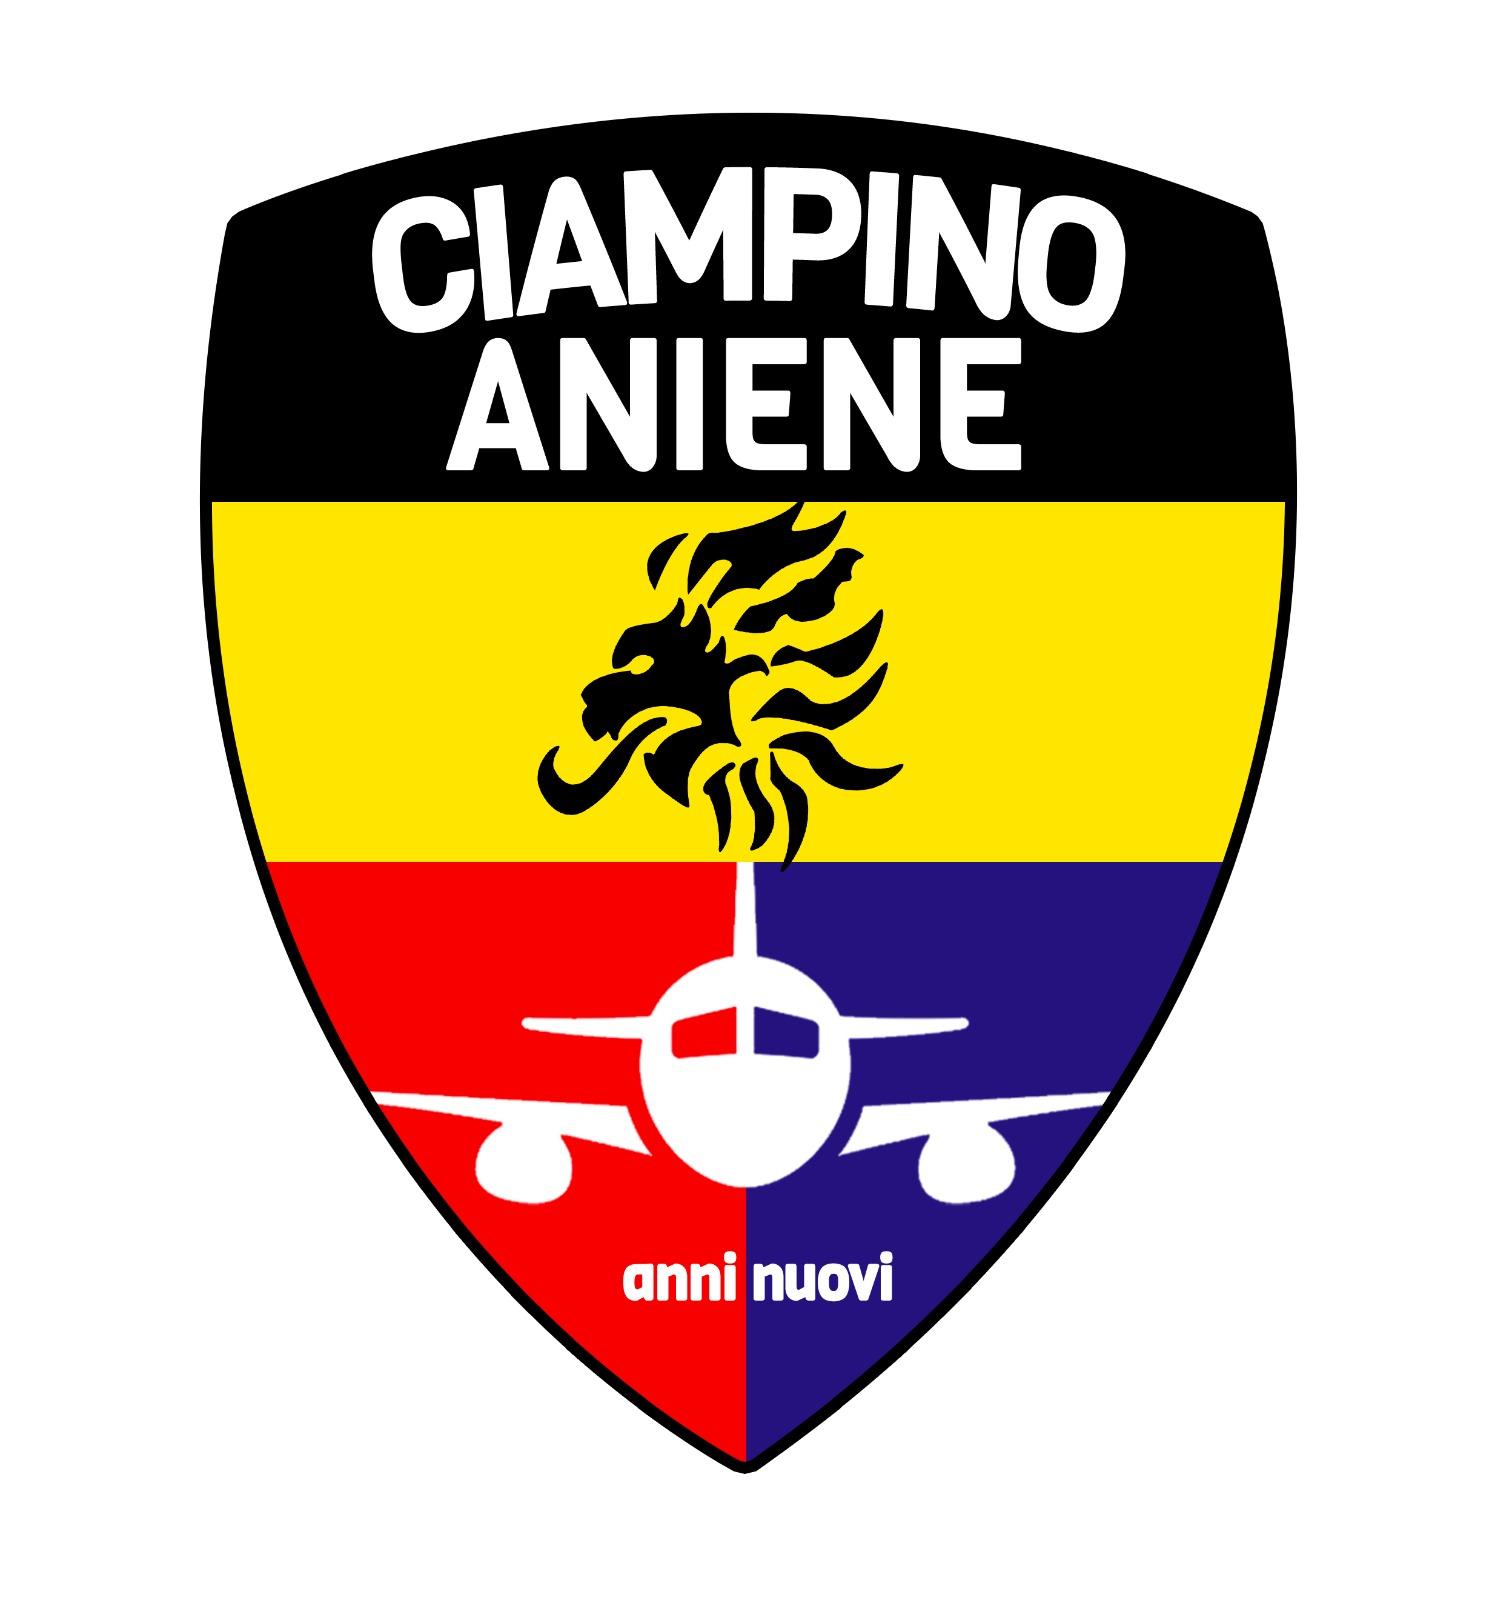 CIAMPINO ANIENE ANNINUOVI